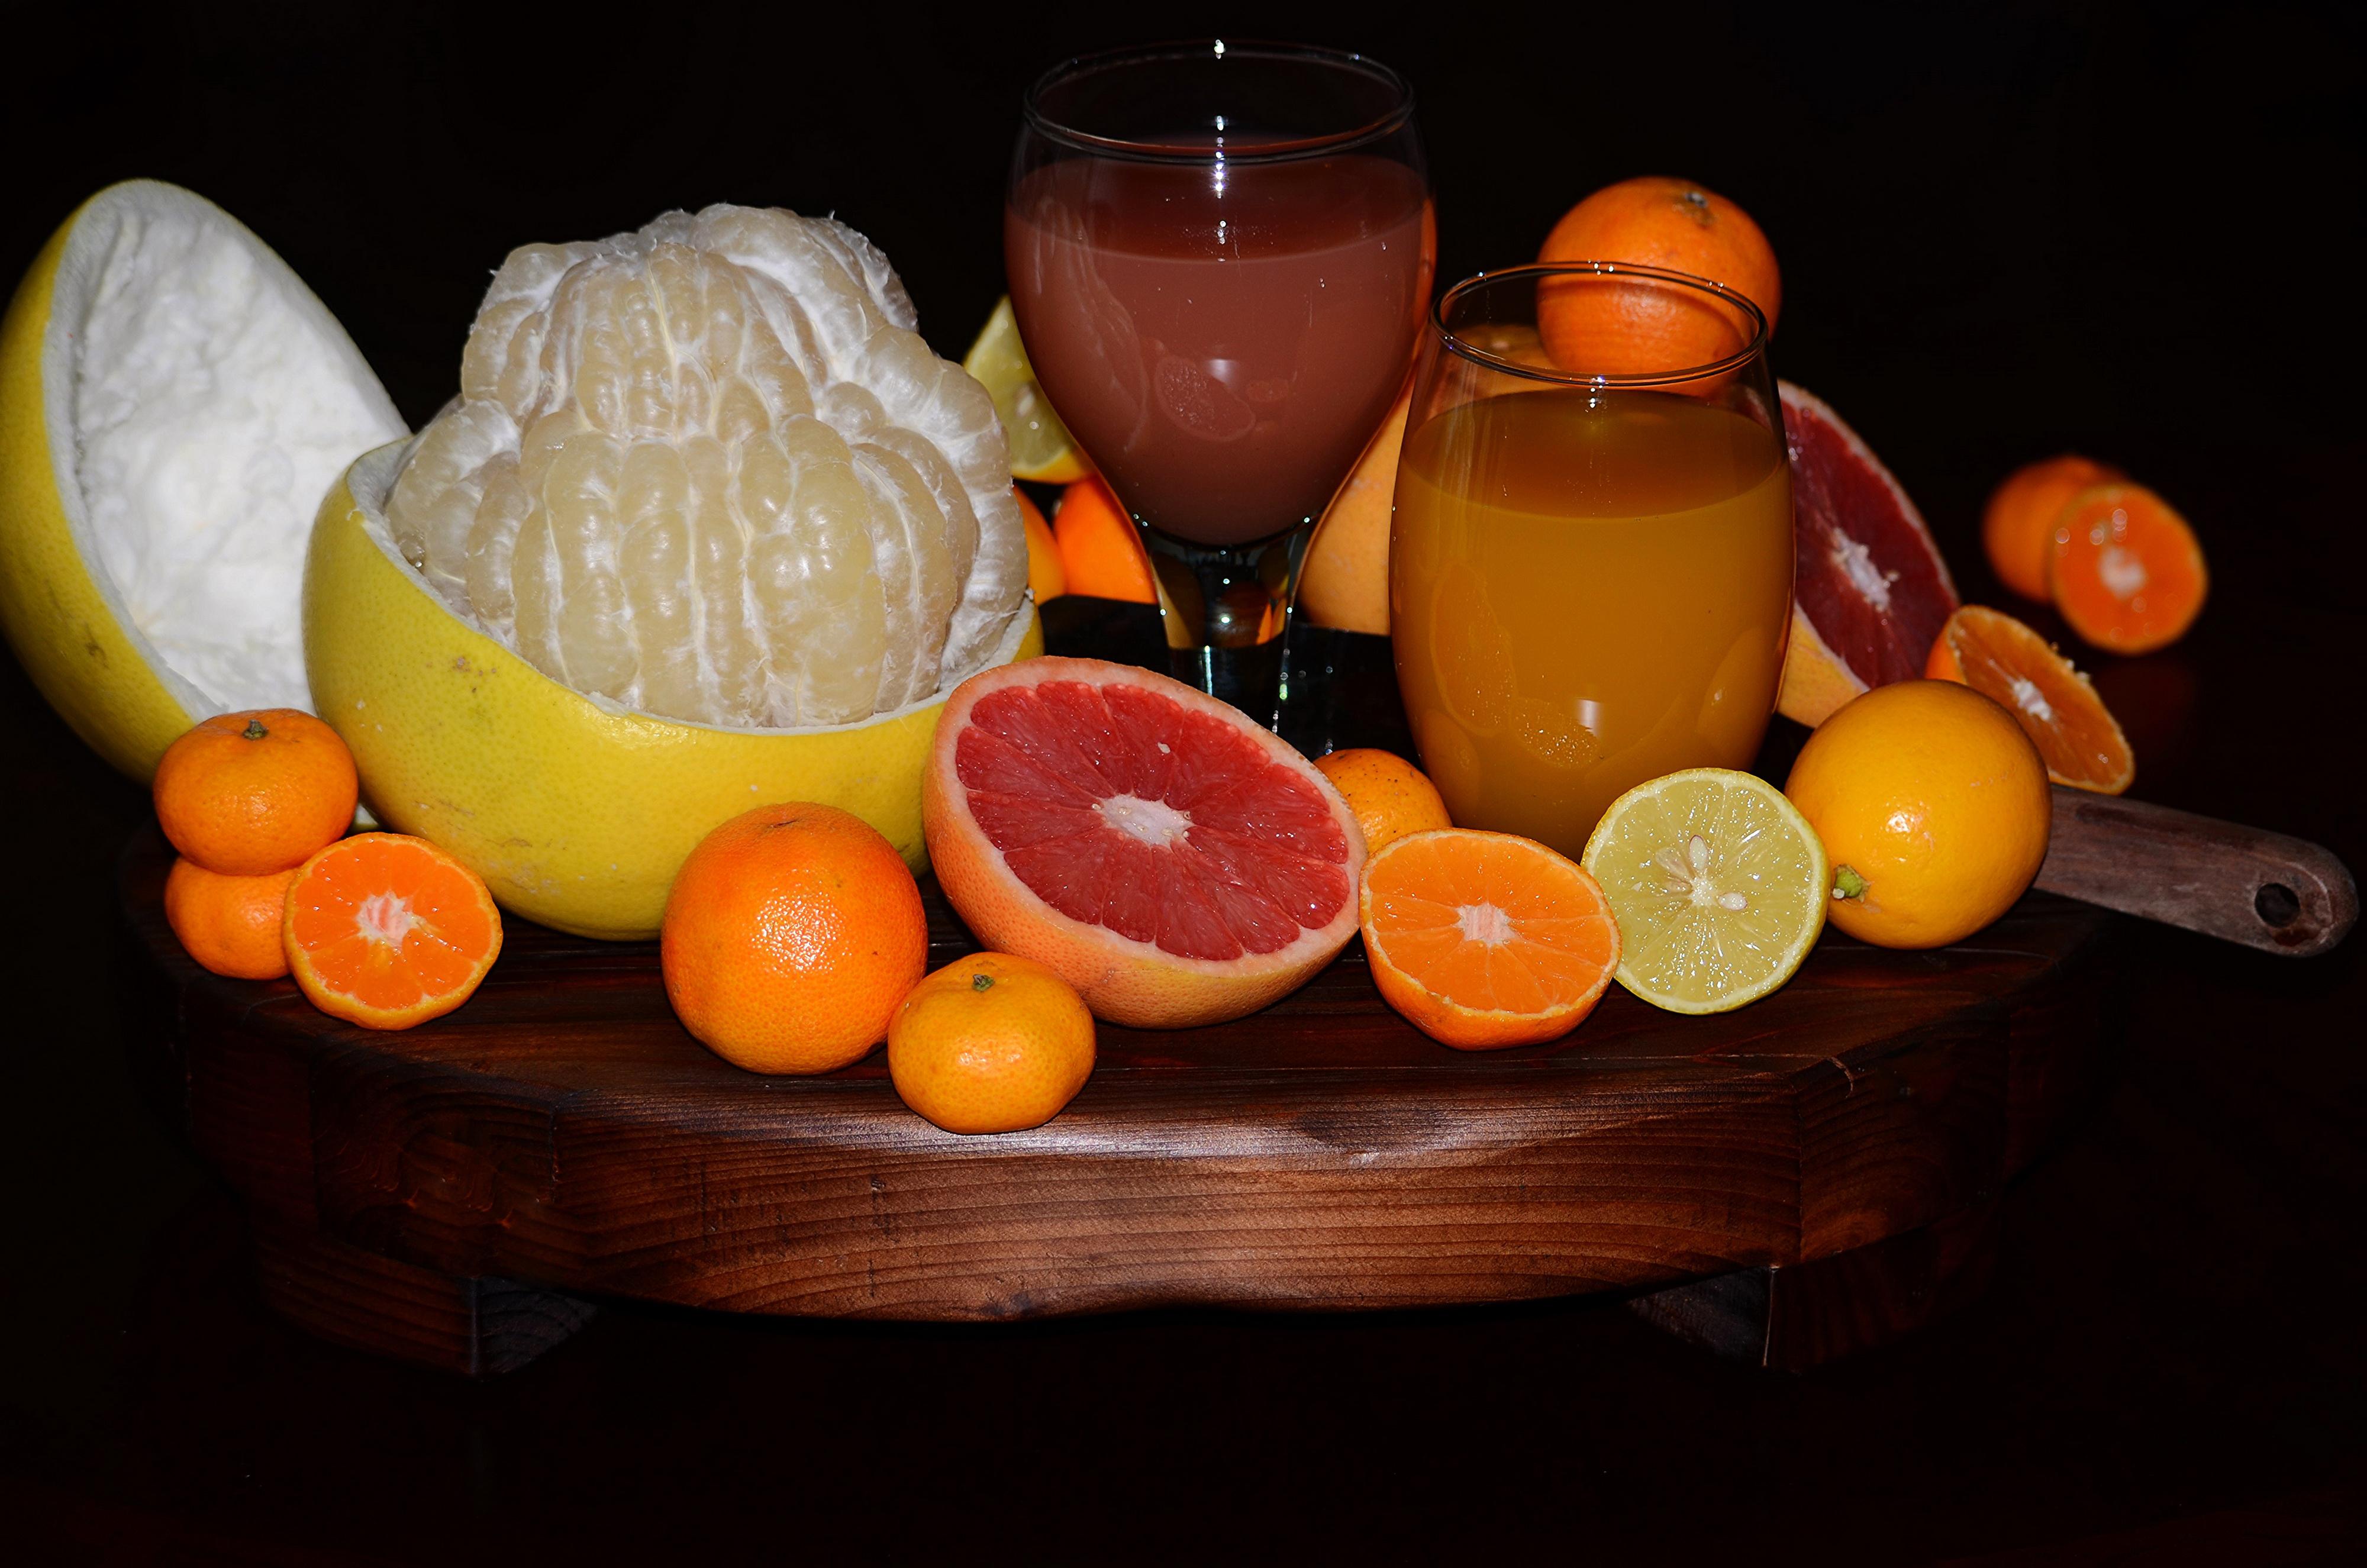 Фотография Сок Апельсин Грейпфрут Мандарины Стакан Лимоны Еда Черный фон Цитрусовые стакана стакане Пища Продукты питания на черном фоне